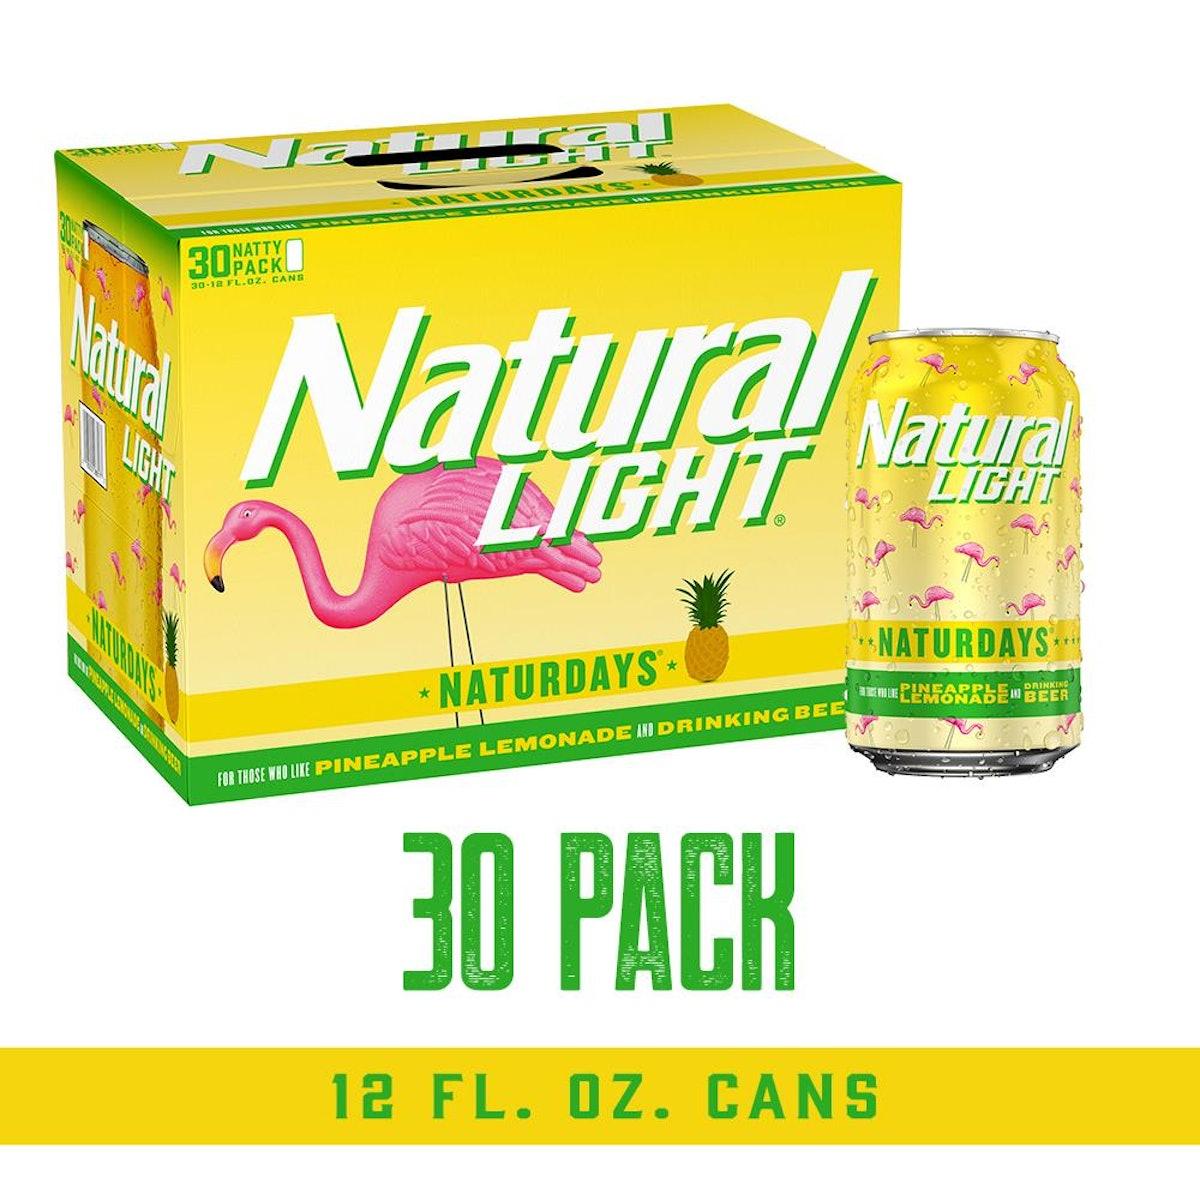 Natural Light Naturdays Pineapple Lemonade Beer 30-Pack